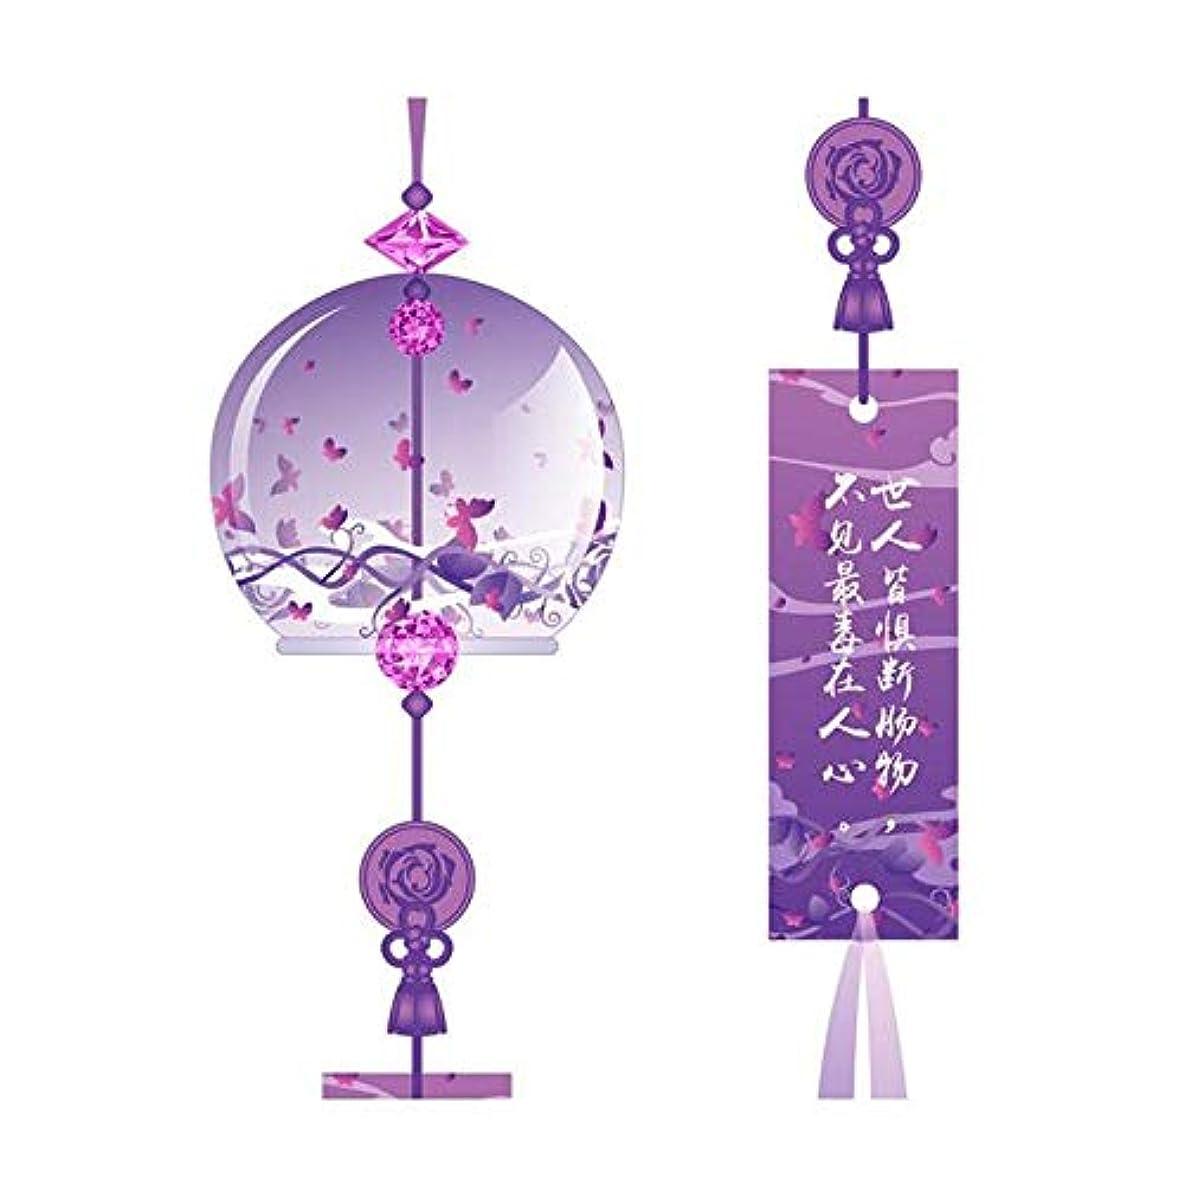 吸収全体に強いGaoxingbianlidian001 風チャイム、クリスタルクリアガラスの風チャイム、グリーン、全身について31センチメートル,楽しいホリデーギフト (Color : Purple-B)